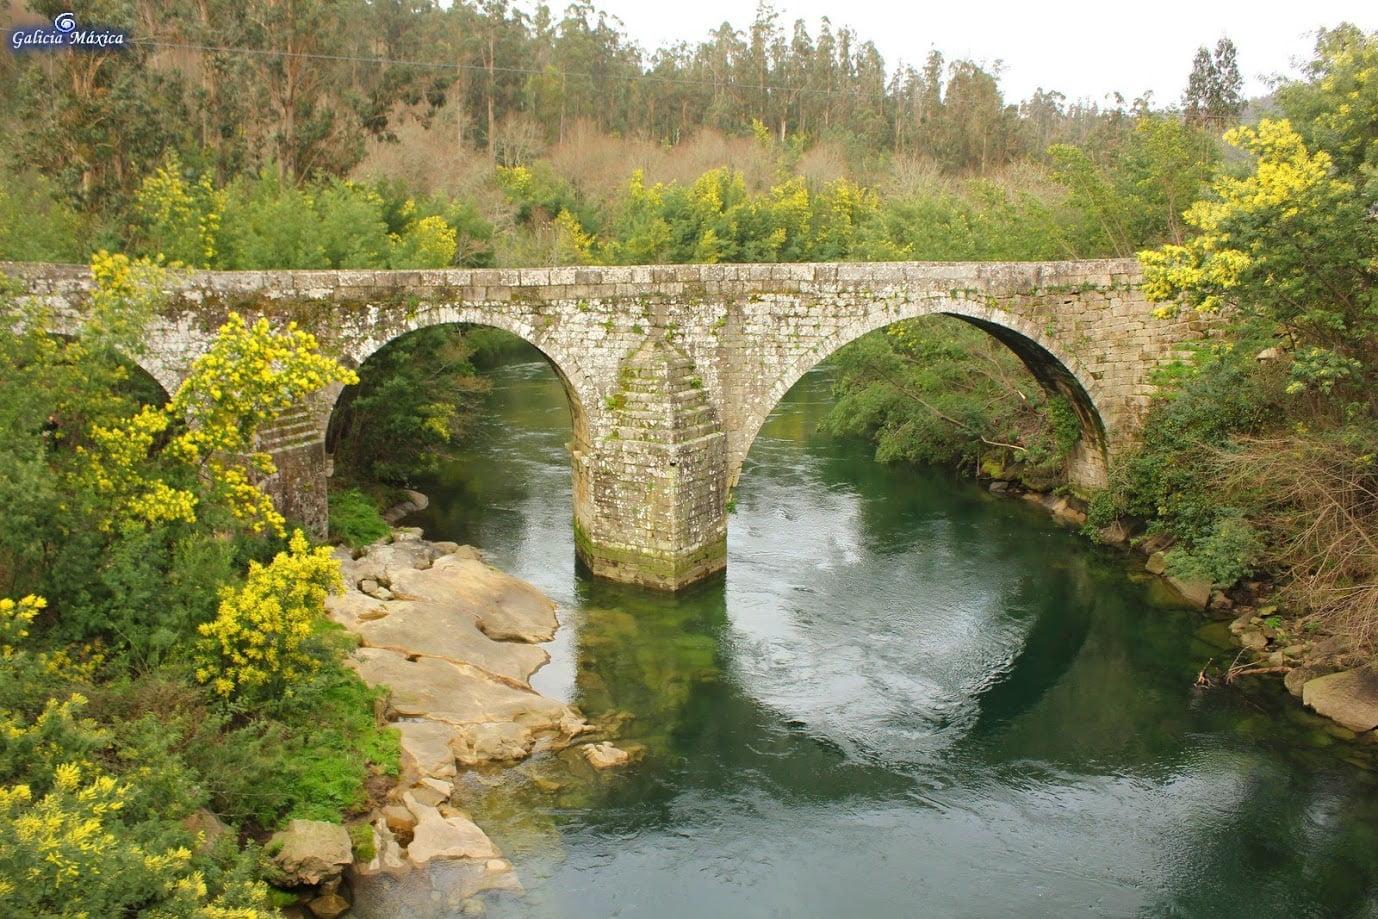 Ponte de Comboa